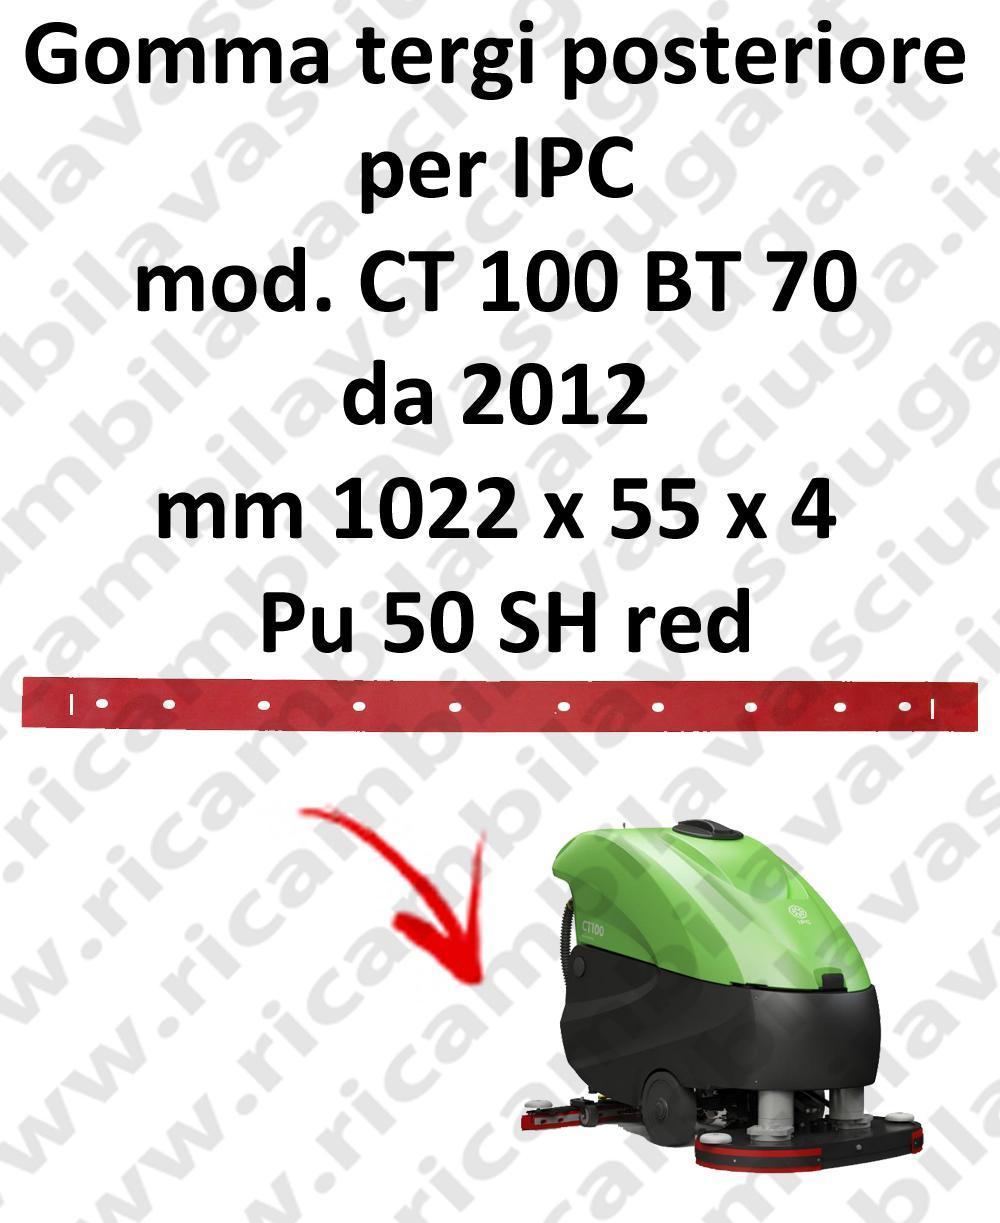 CT 100 BT 70 a partir de 2012 BAVETTE ARRIERE pour IPC